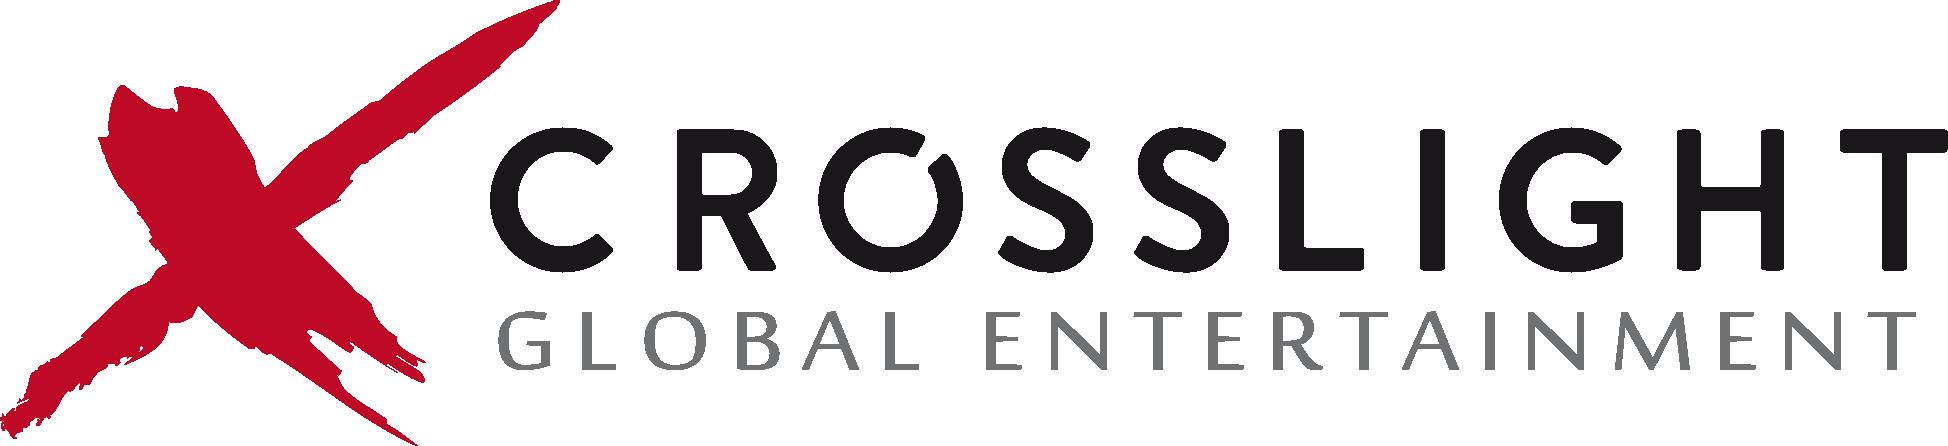 Crosslight Global Entertainment Logo